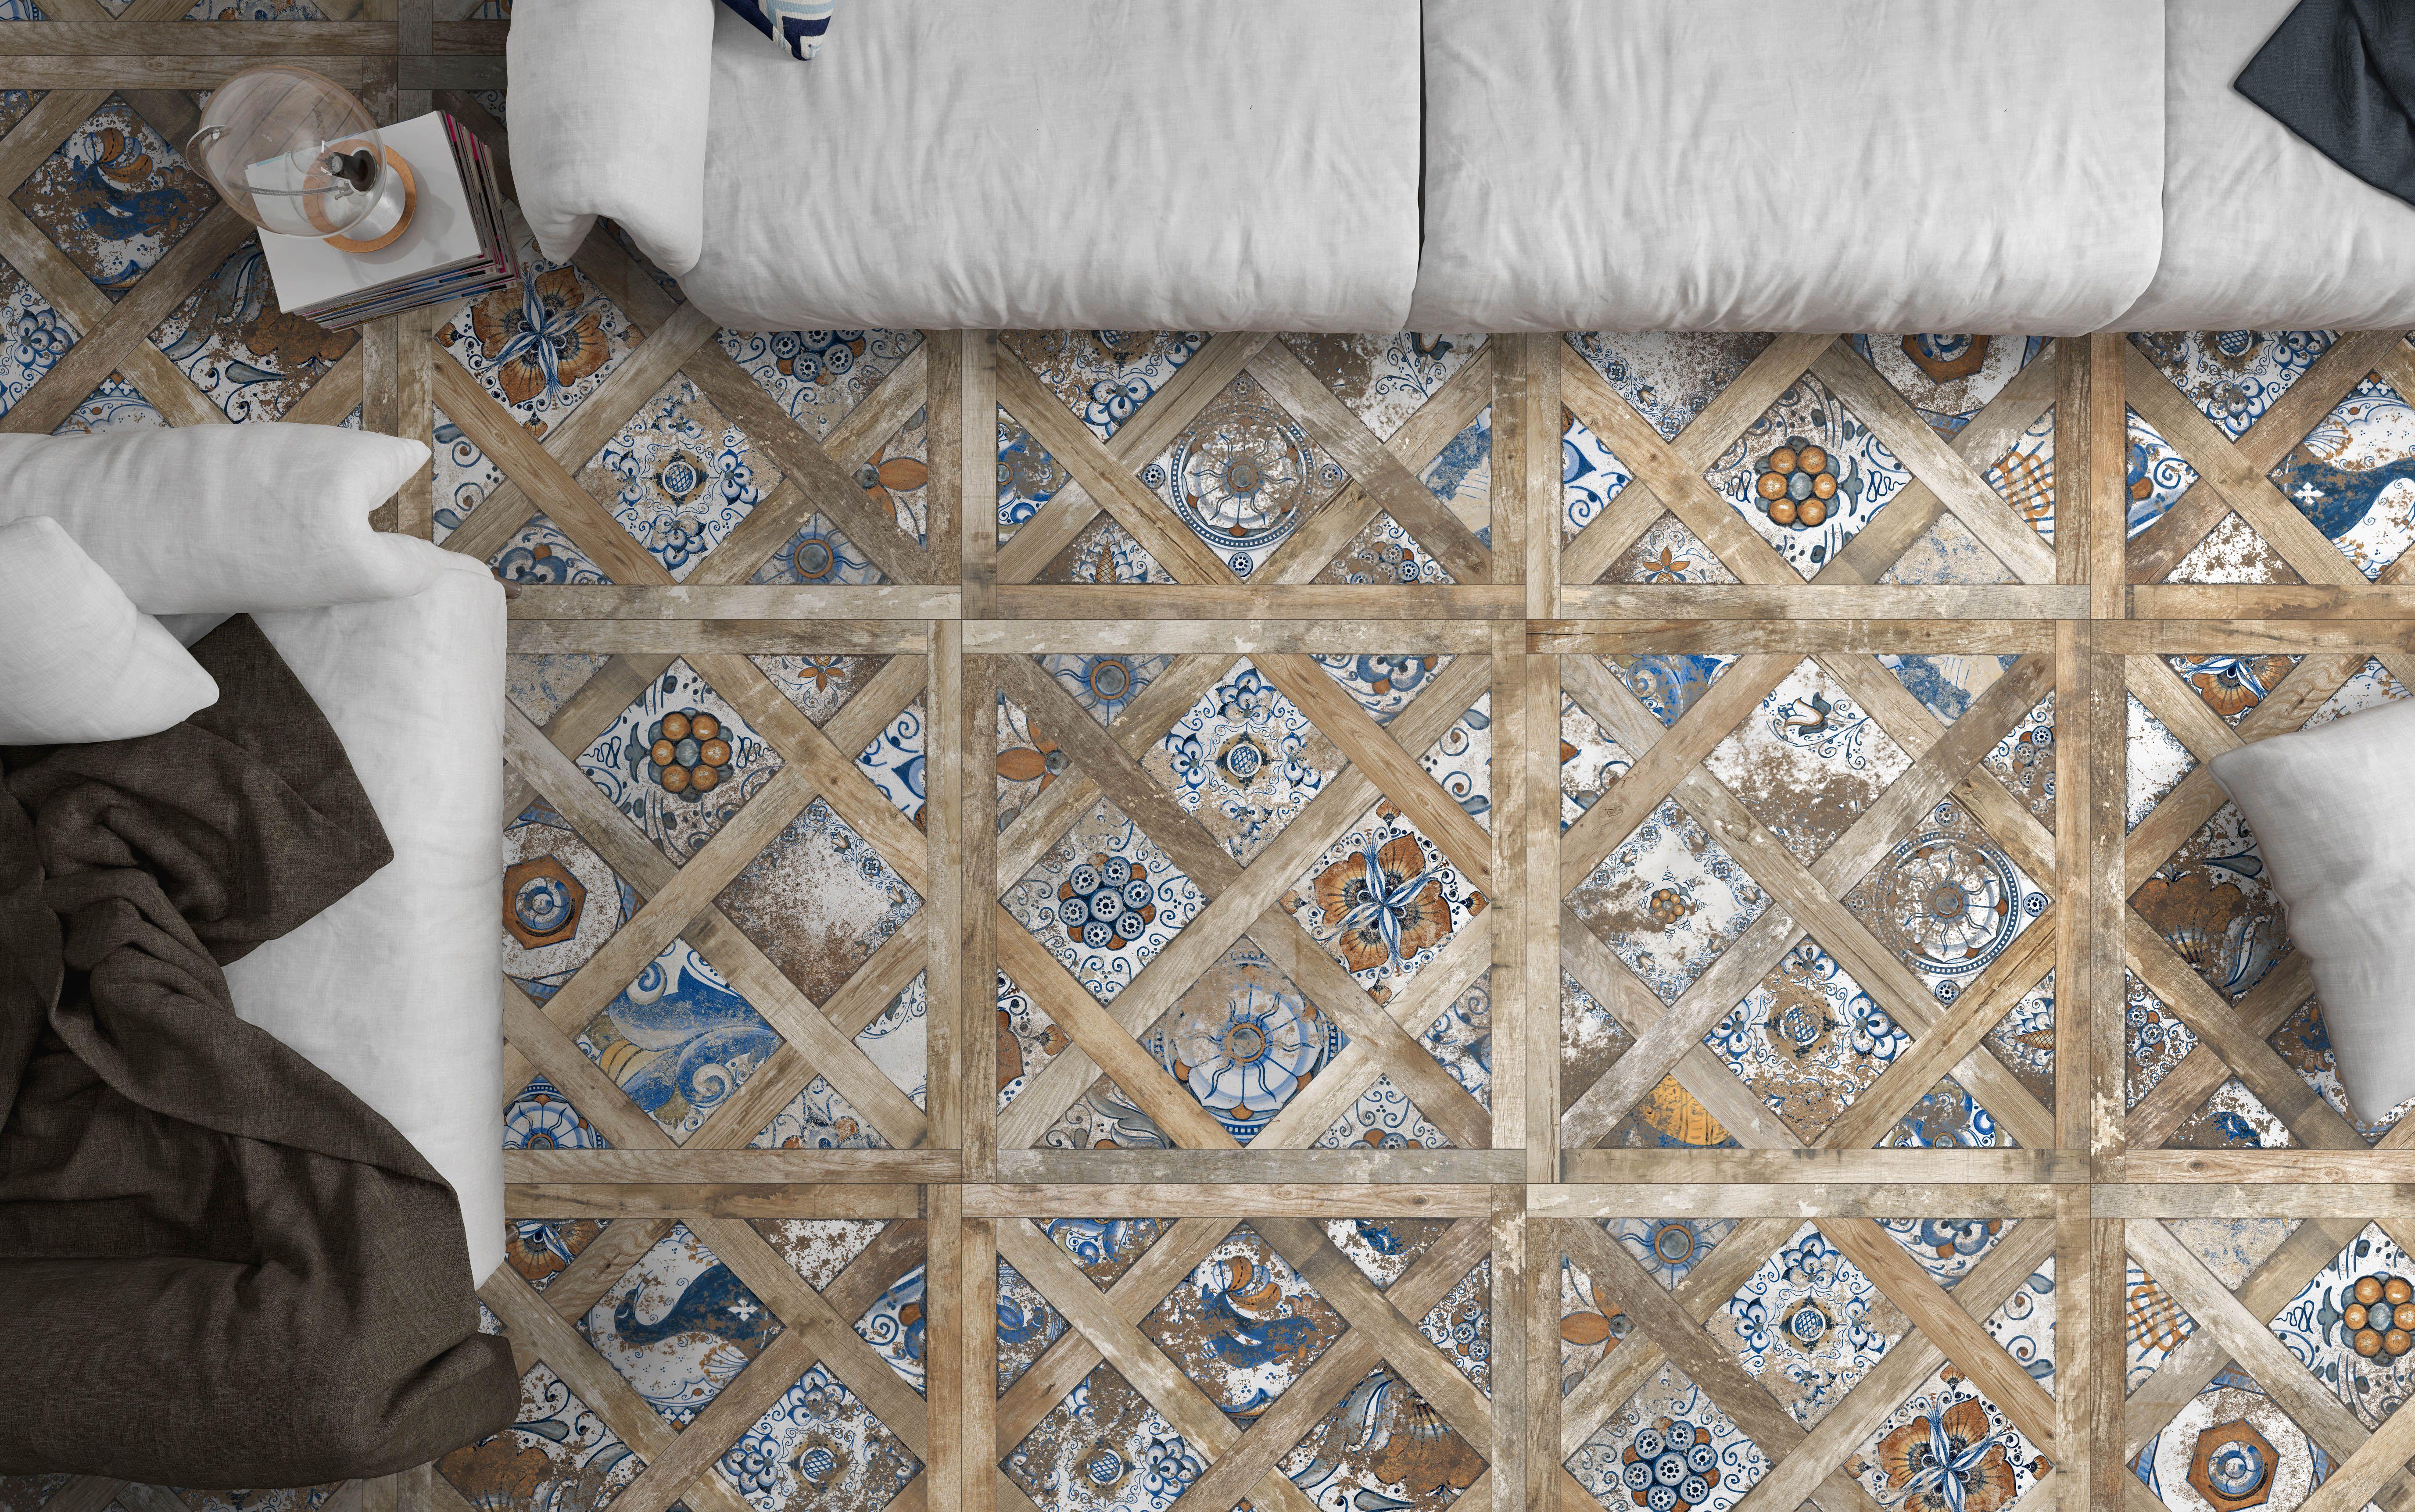 Gres porcellanato decorato per il pavimento effetto cementina